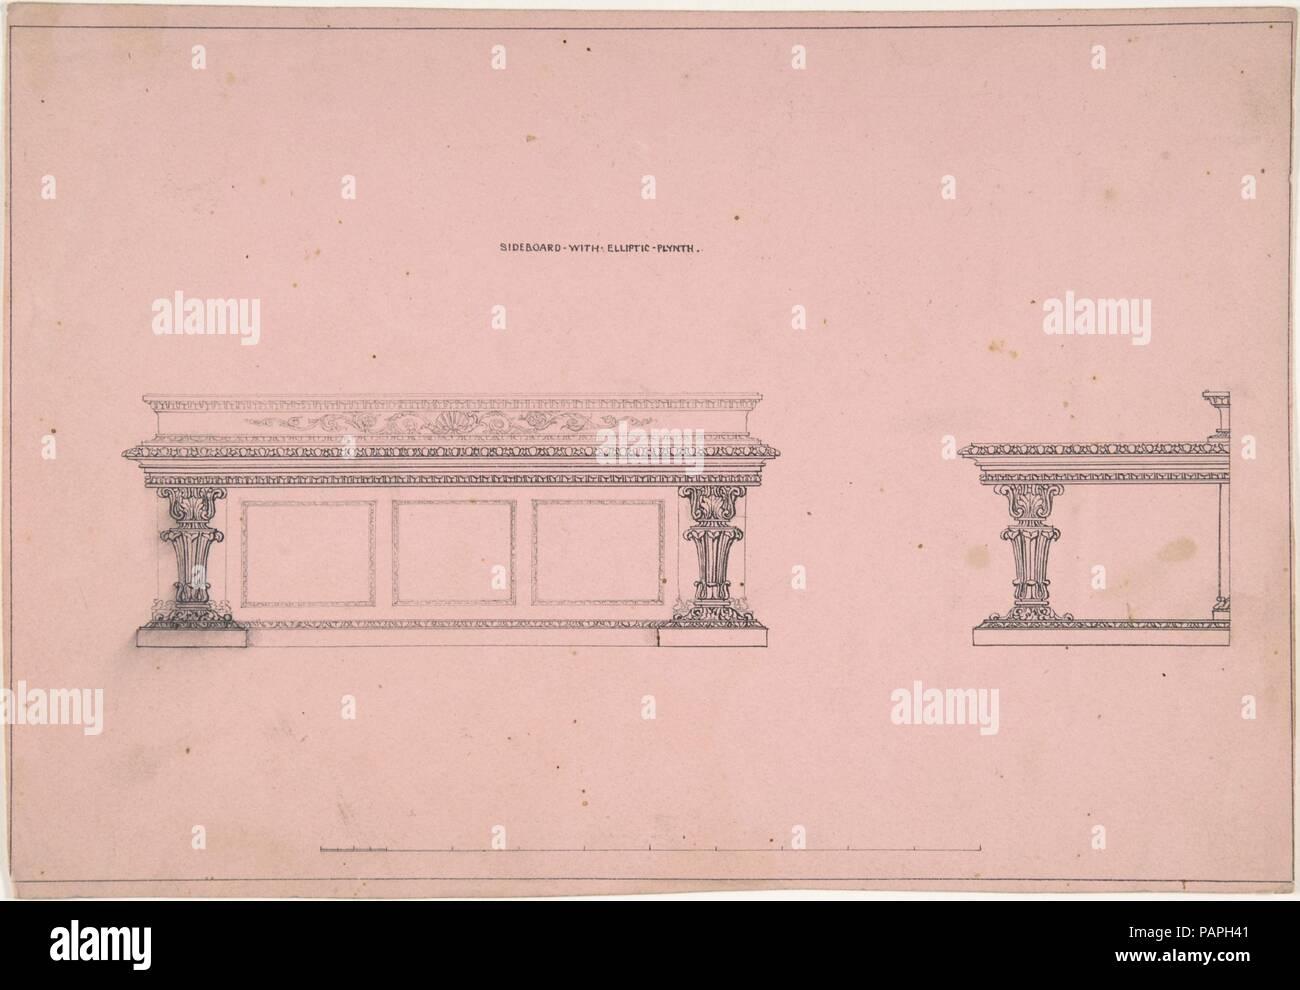 La Credenza Di Hume : Millennium plinth immagini & fotos stock alamy